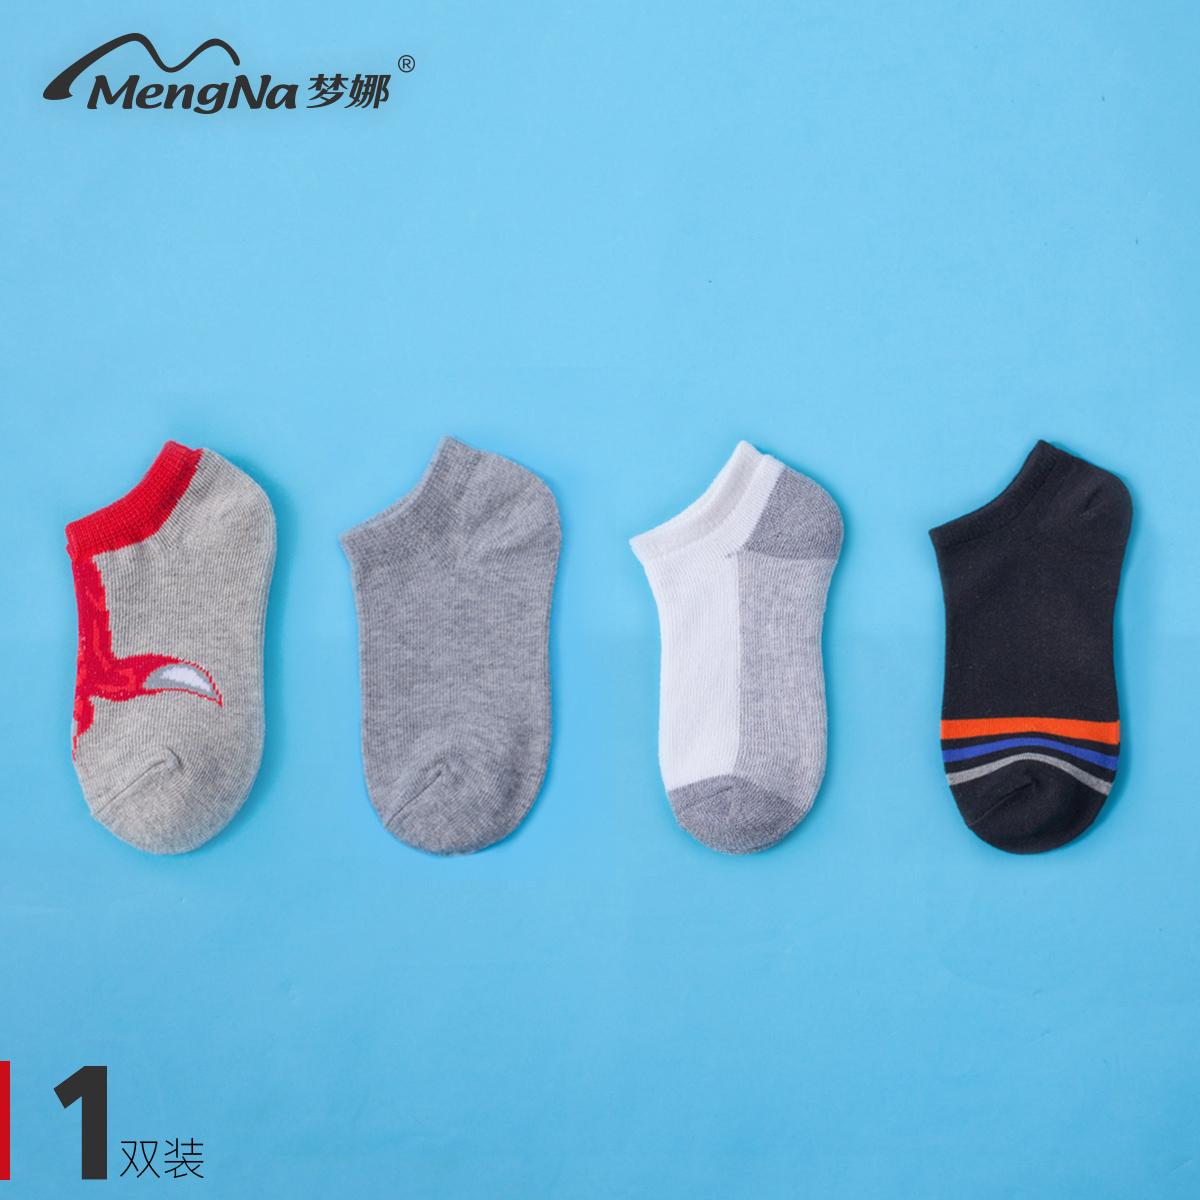 梦娜儿童棉袜短筒袜子舒适透气小孩男童女童亲肤时尚短袜[1-12岁]